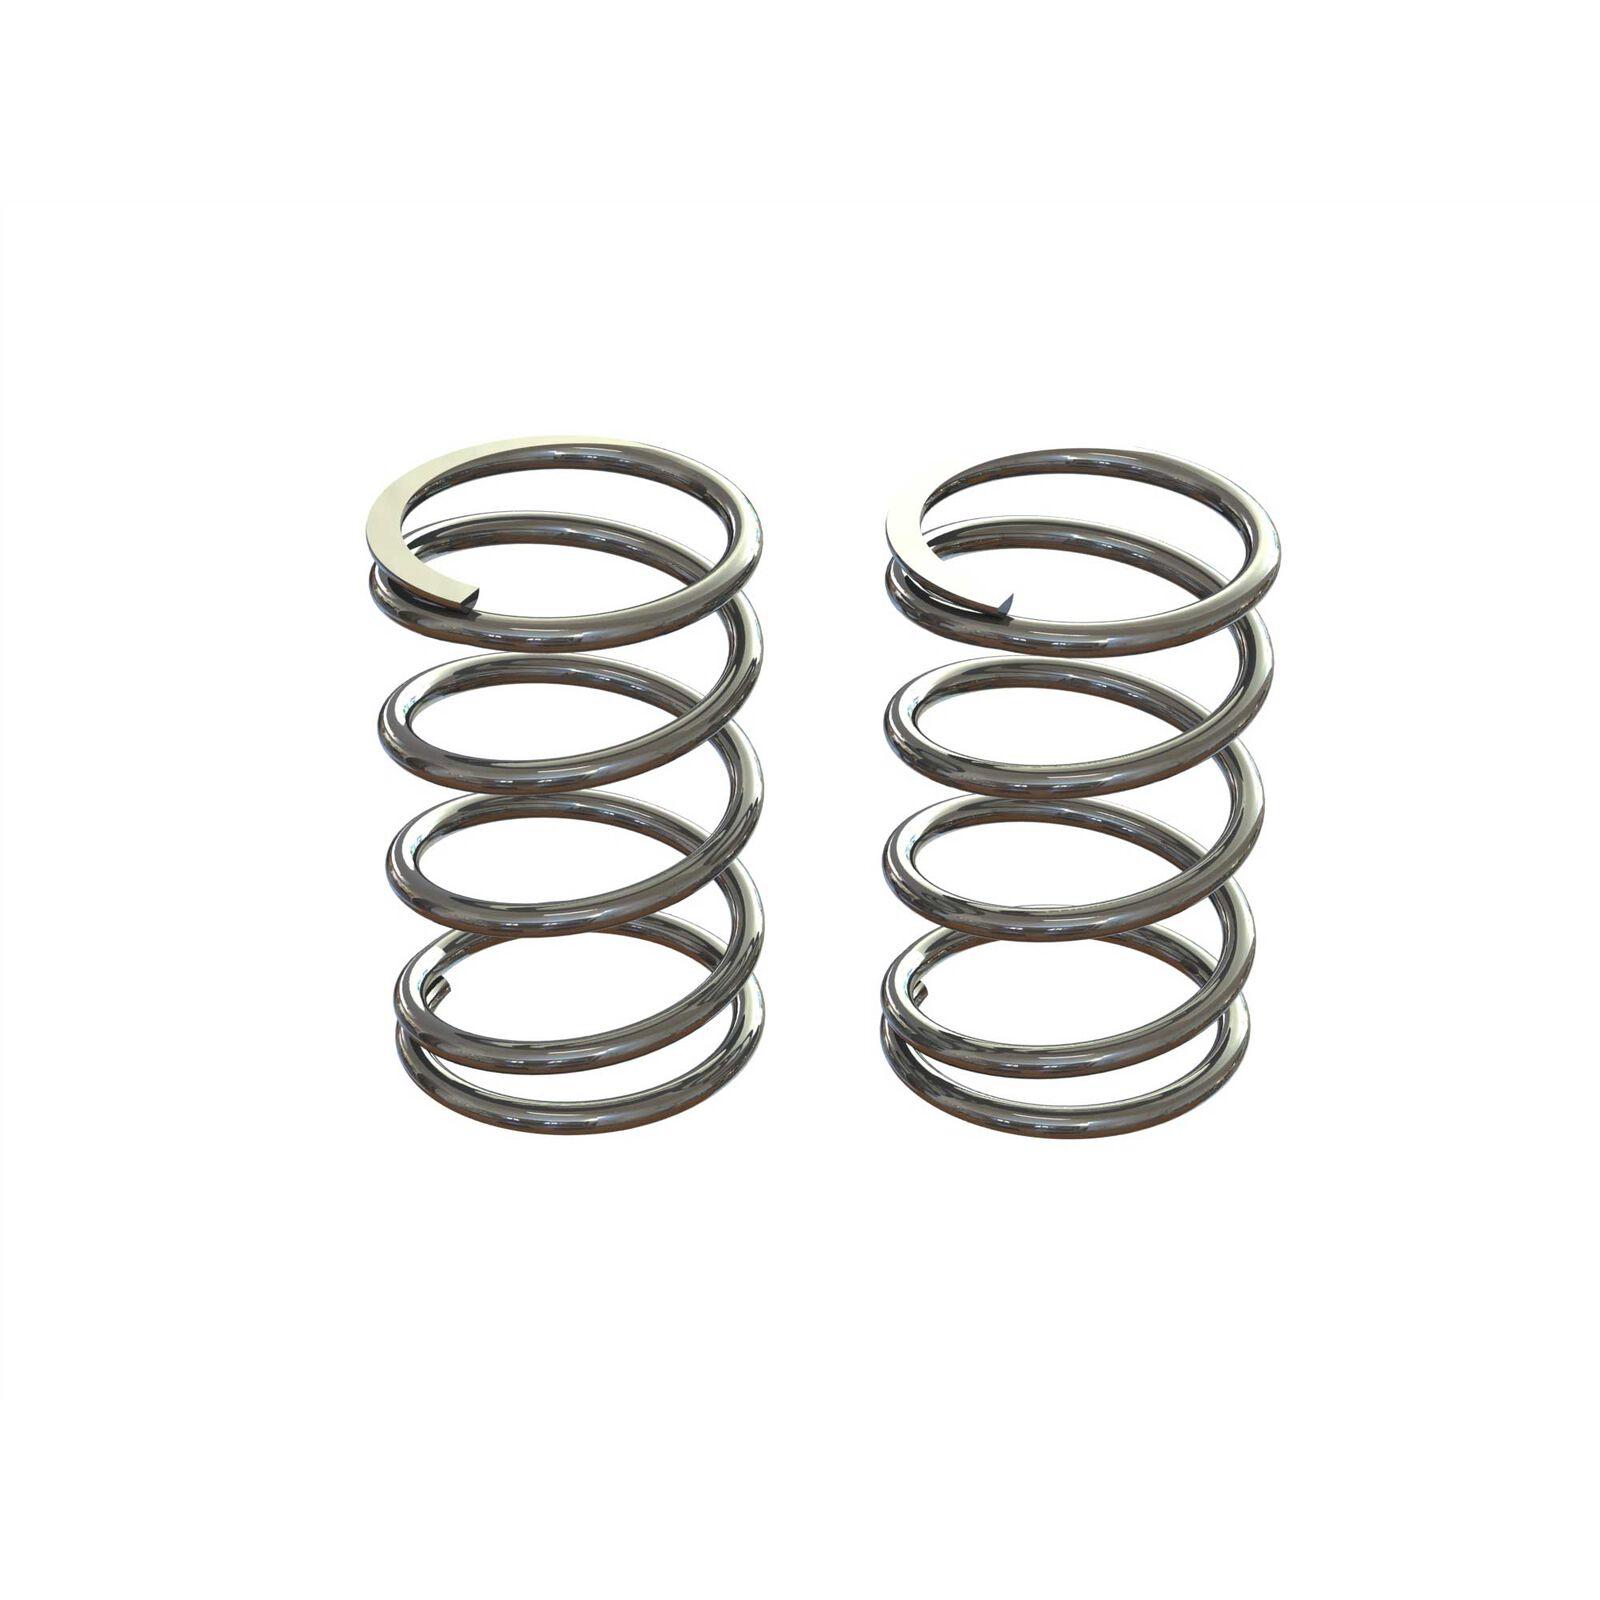 Shock Springs, 40mm 4.7N/sq.m (27 f-lb/in) (2)